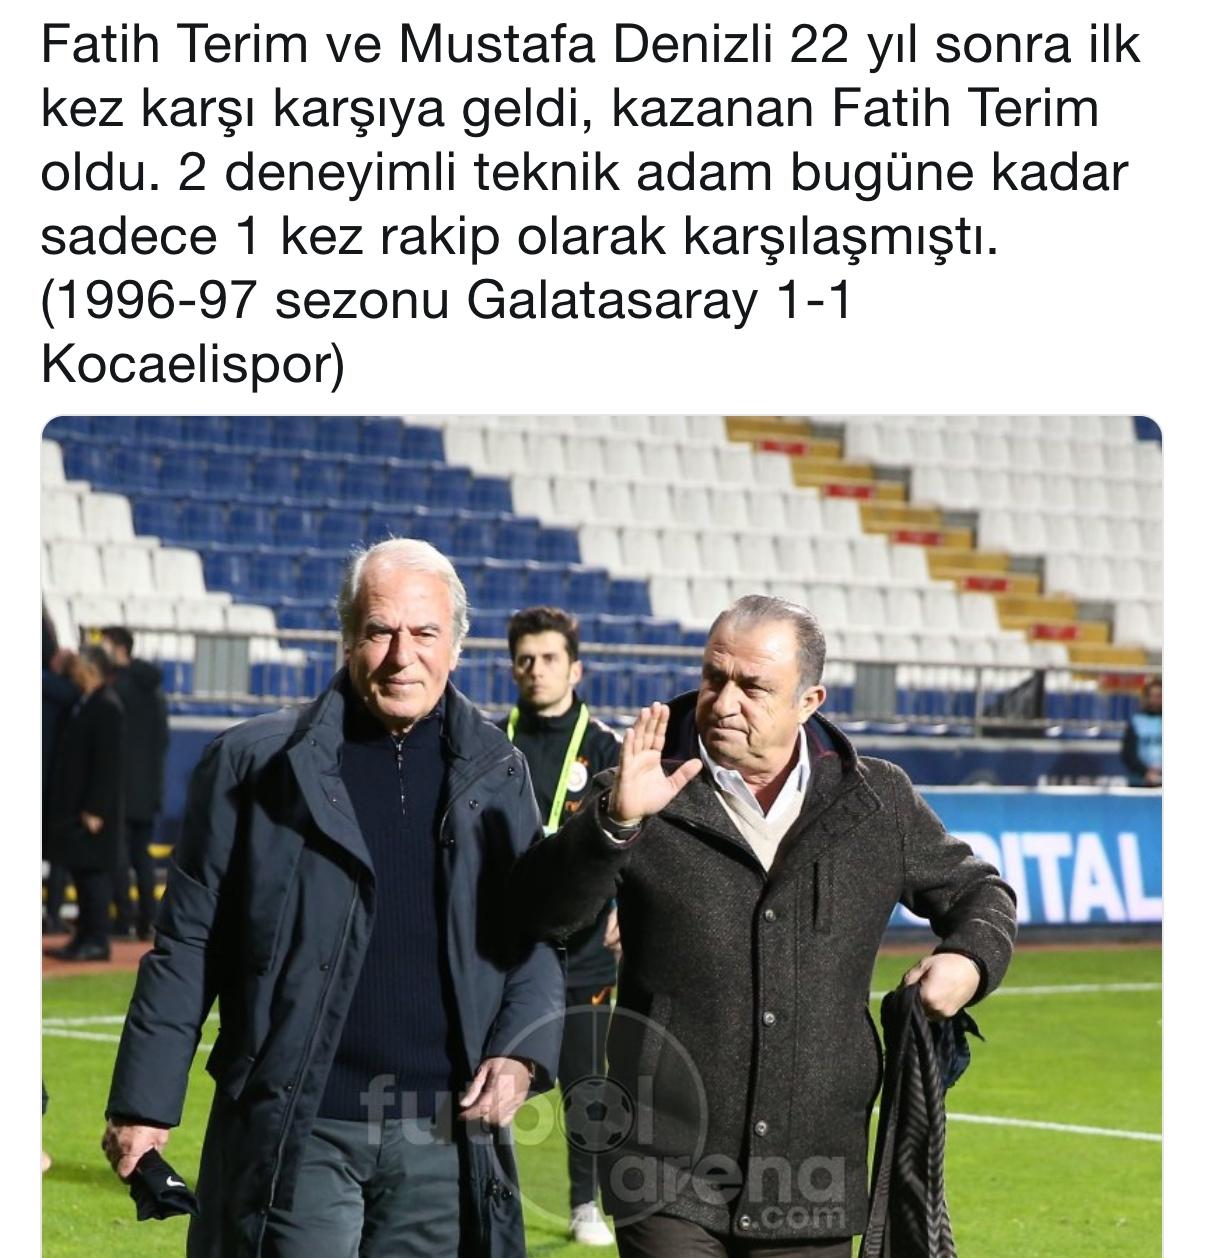 Kural hatası var denen Fenerbahçe-Kasımpaşa maçının hakem raporu ortaya çıktı 95